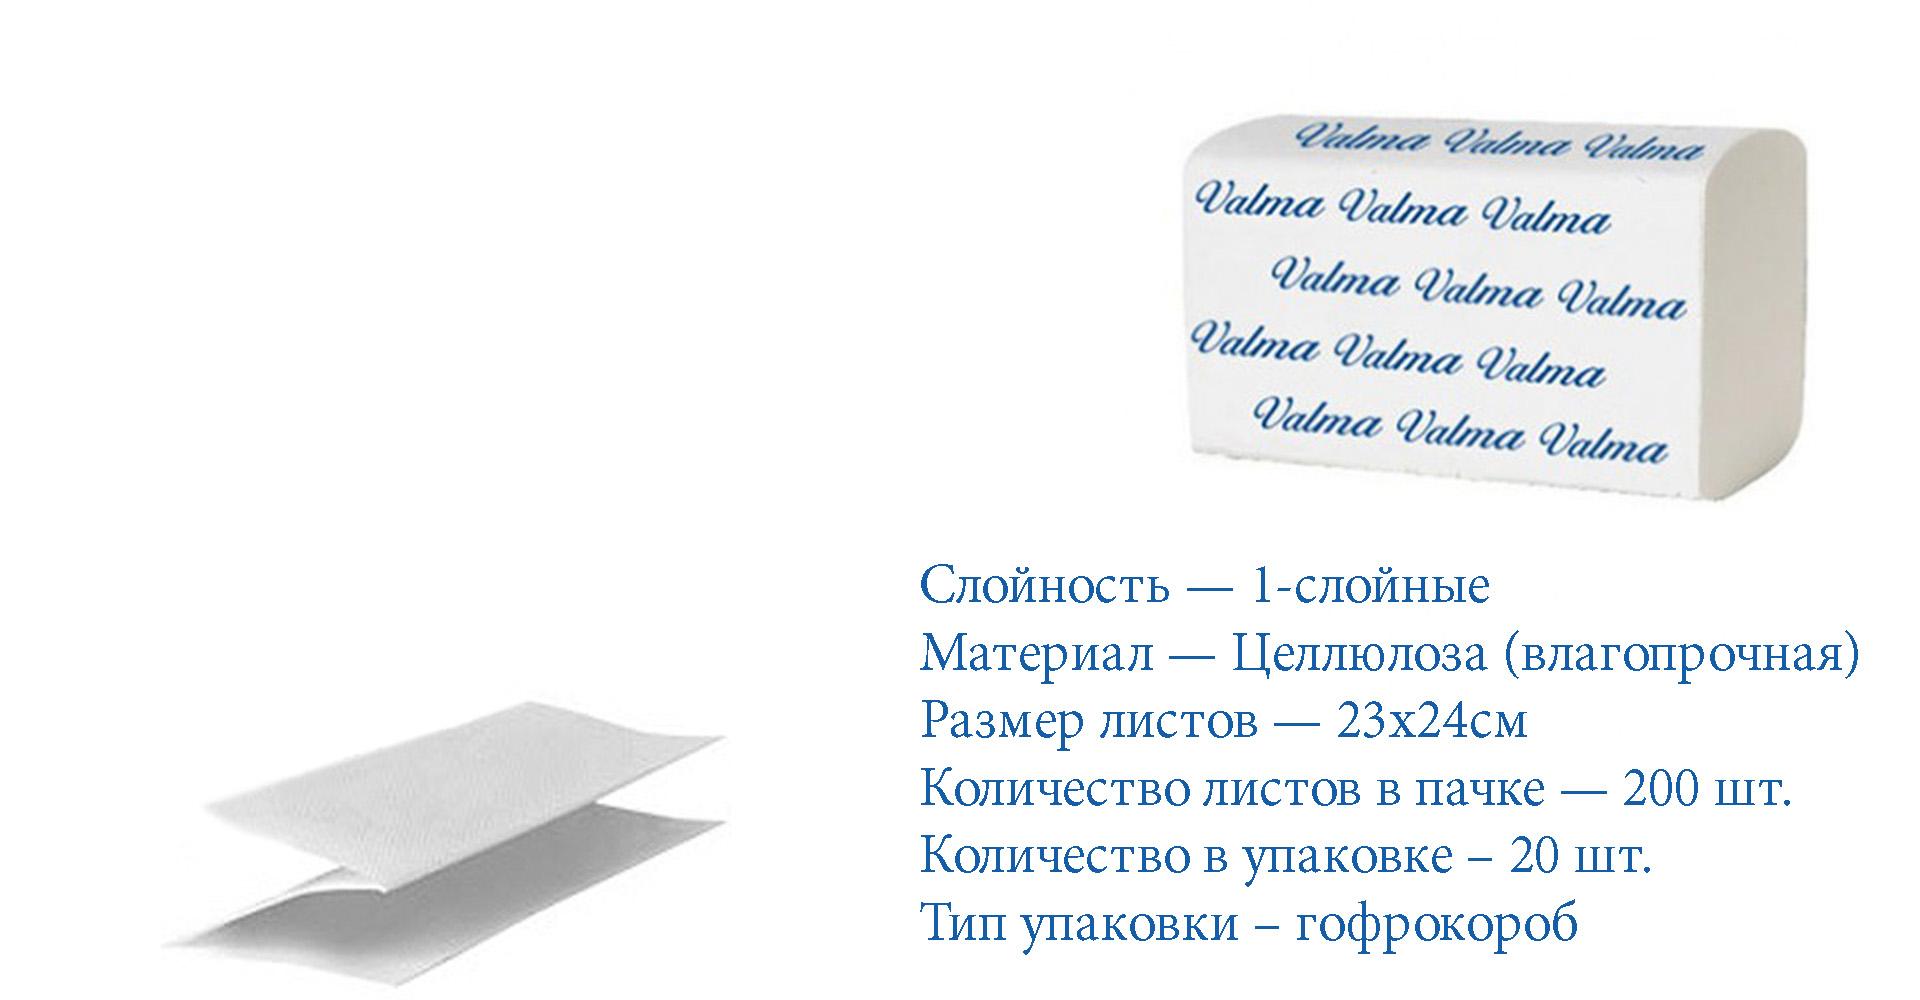 Листовые Полотенца V-сложения 1-слойные 100% целлюлоза